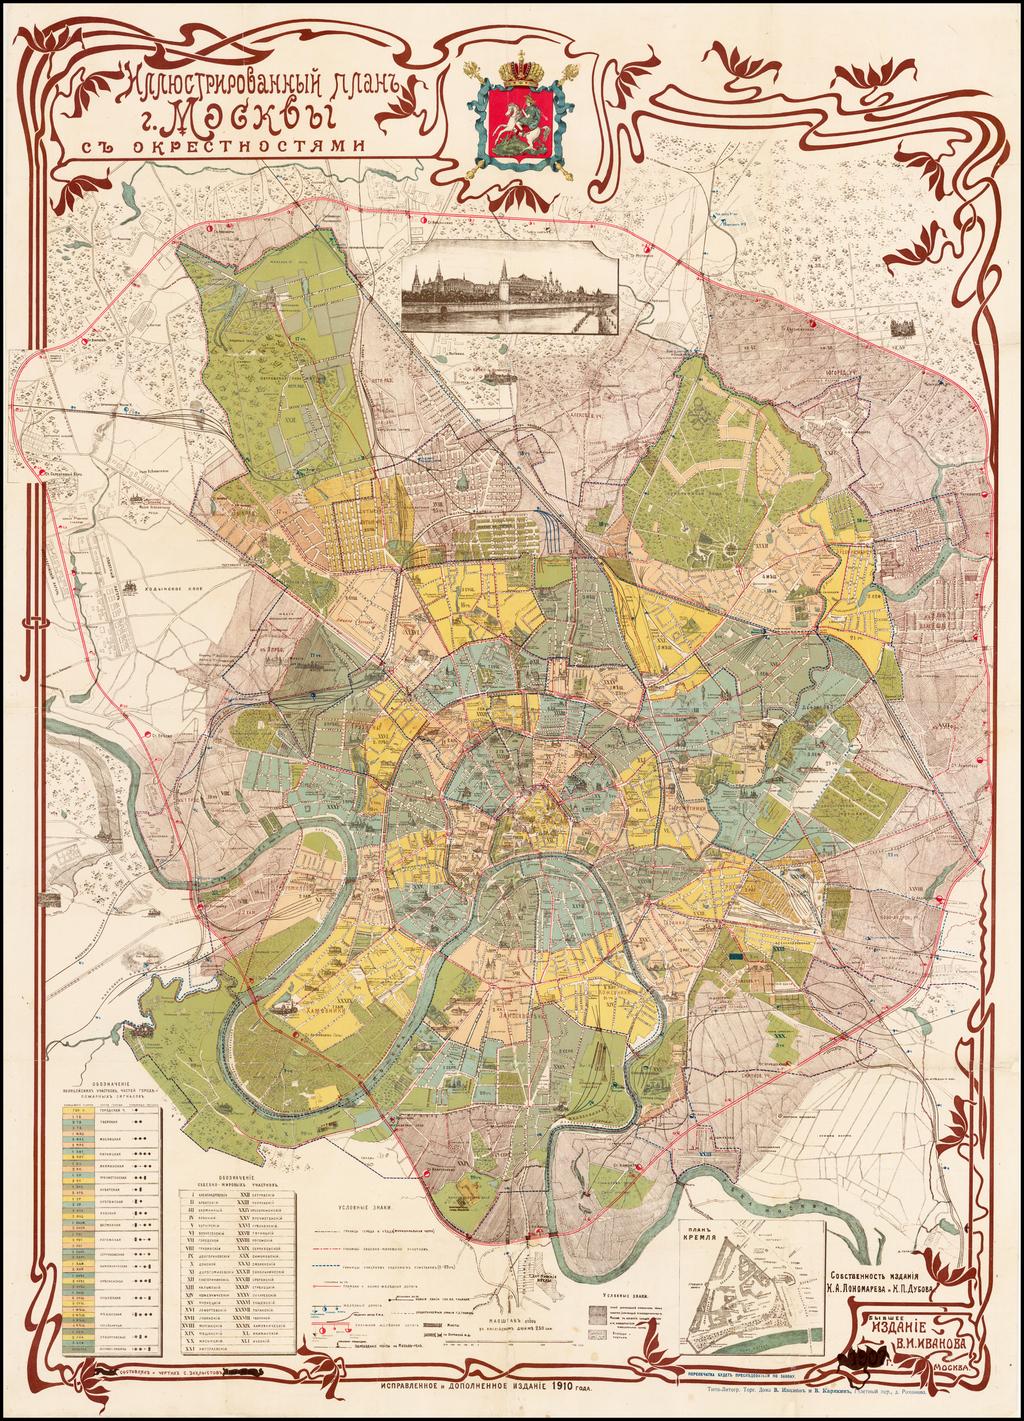 [Illustrated Plan of Moscow & its Environs] Illustrirovannyi Plan Moskovi i yeye Okrestnostmy. By Kryukov & Co.